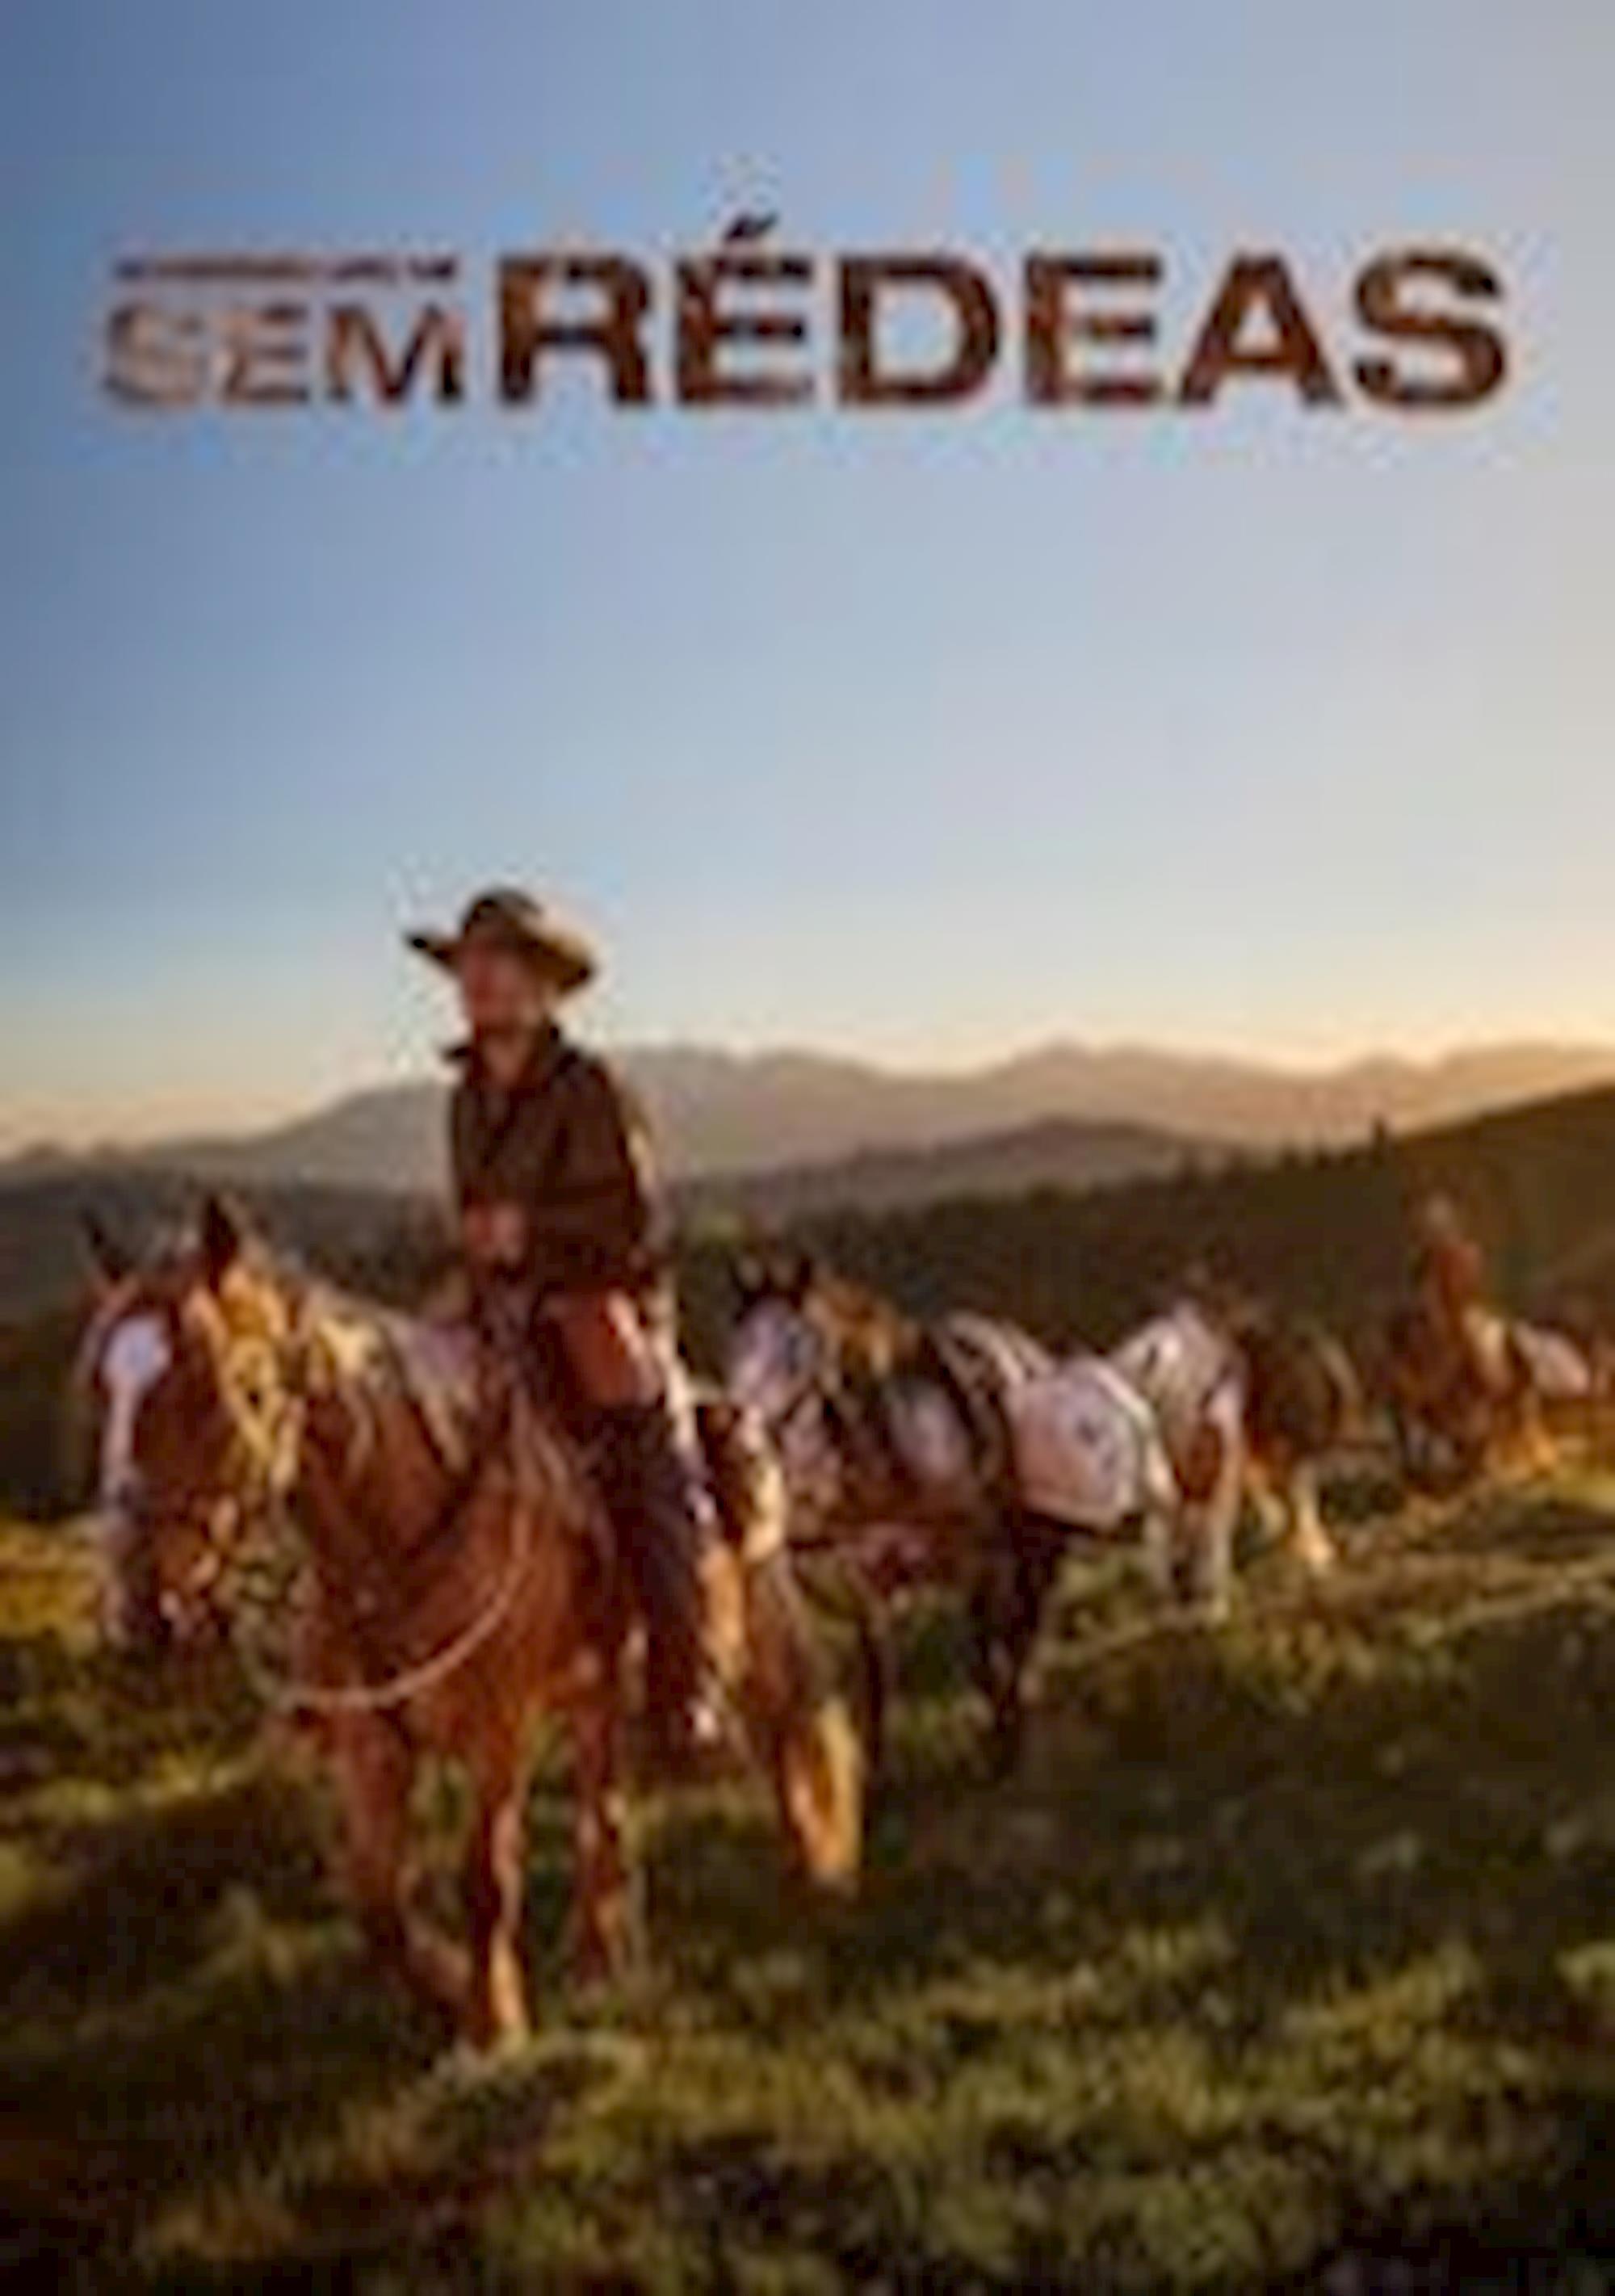 filmes de cavalos,dicas de filmes, Sem Rédeas,